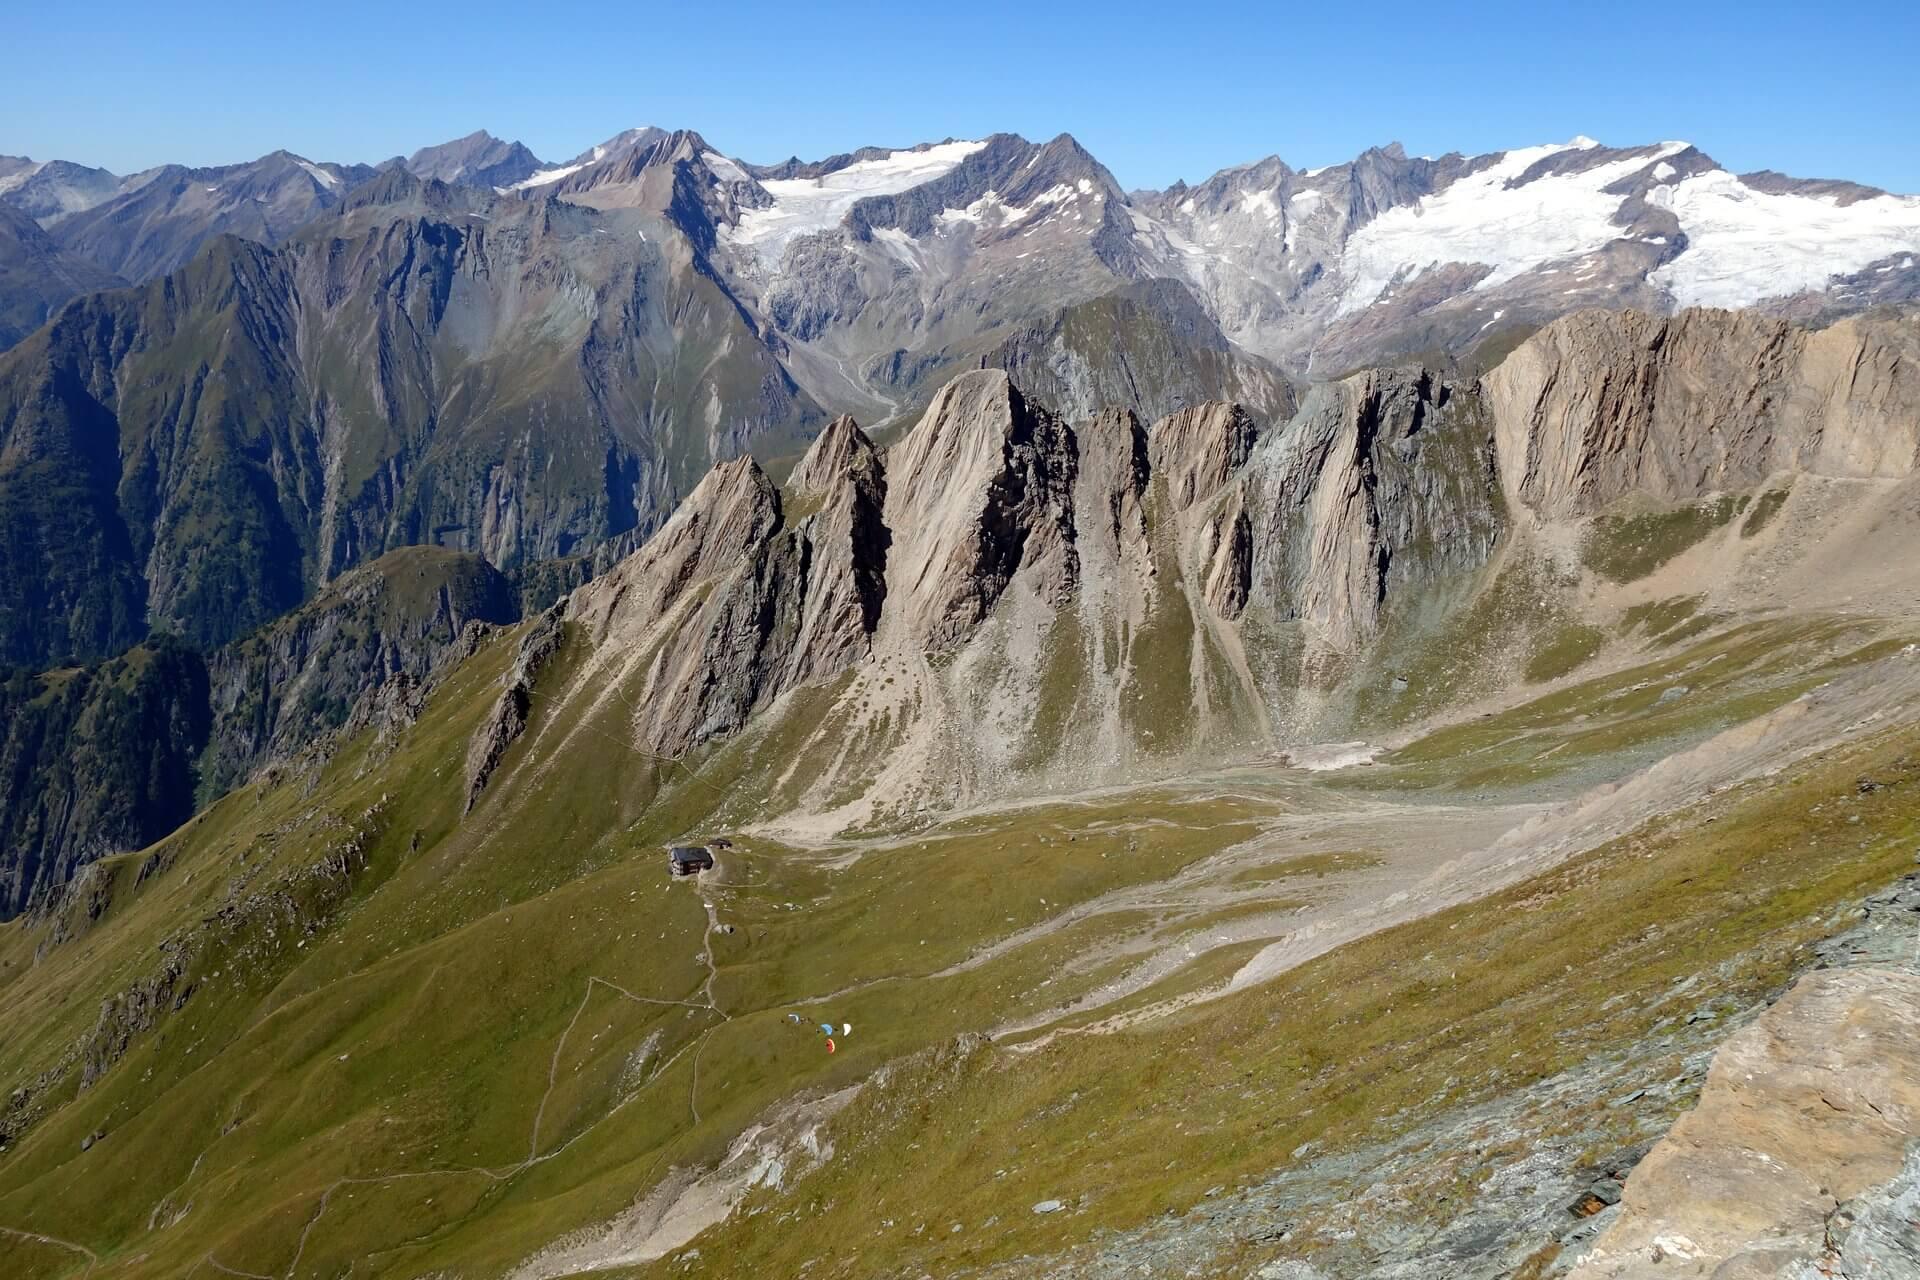 Aussicht vom Vorderer Sajatkopf (2.915m) auf die Gipfel um die Sajathütte und die Venedigergruppe, Hohe Tauern.